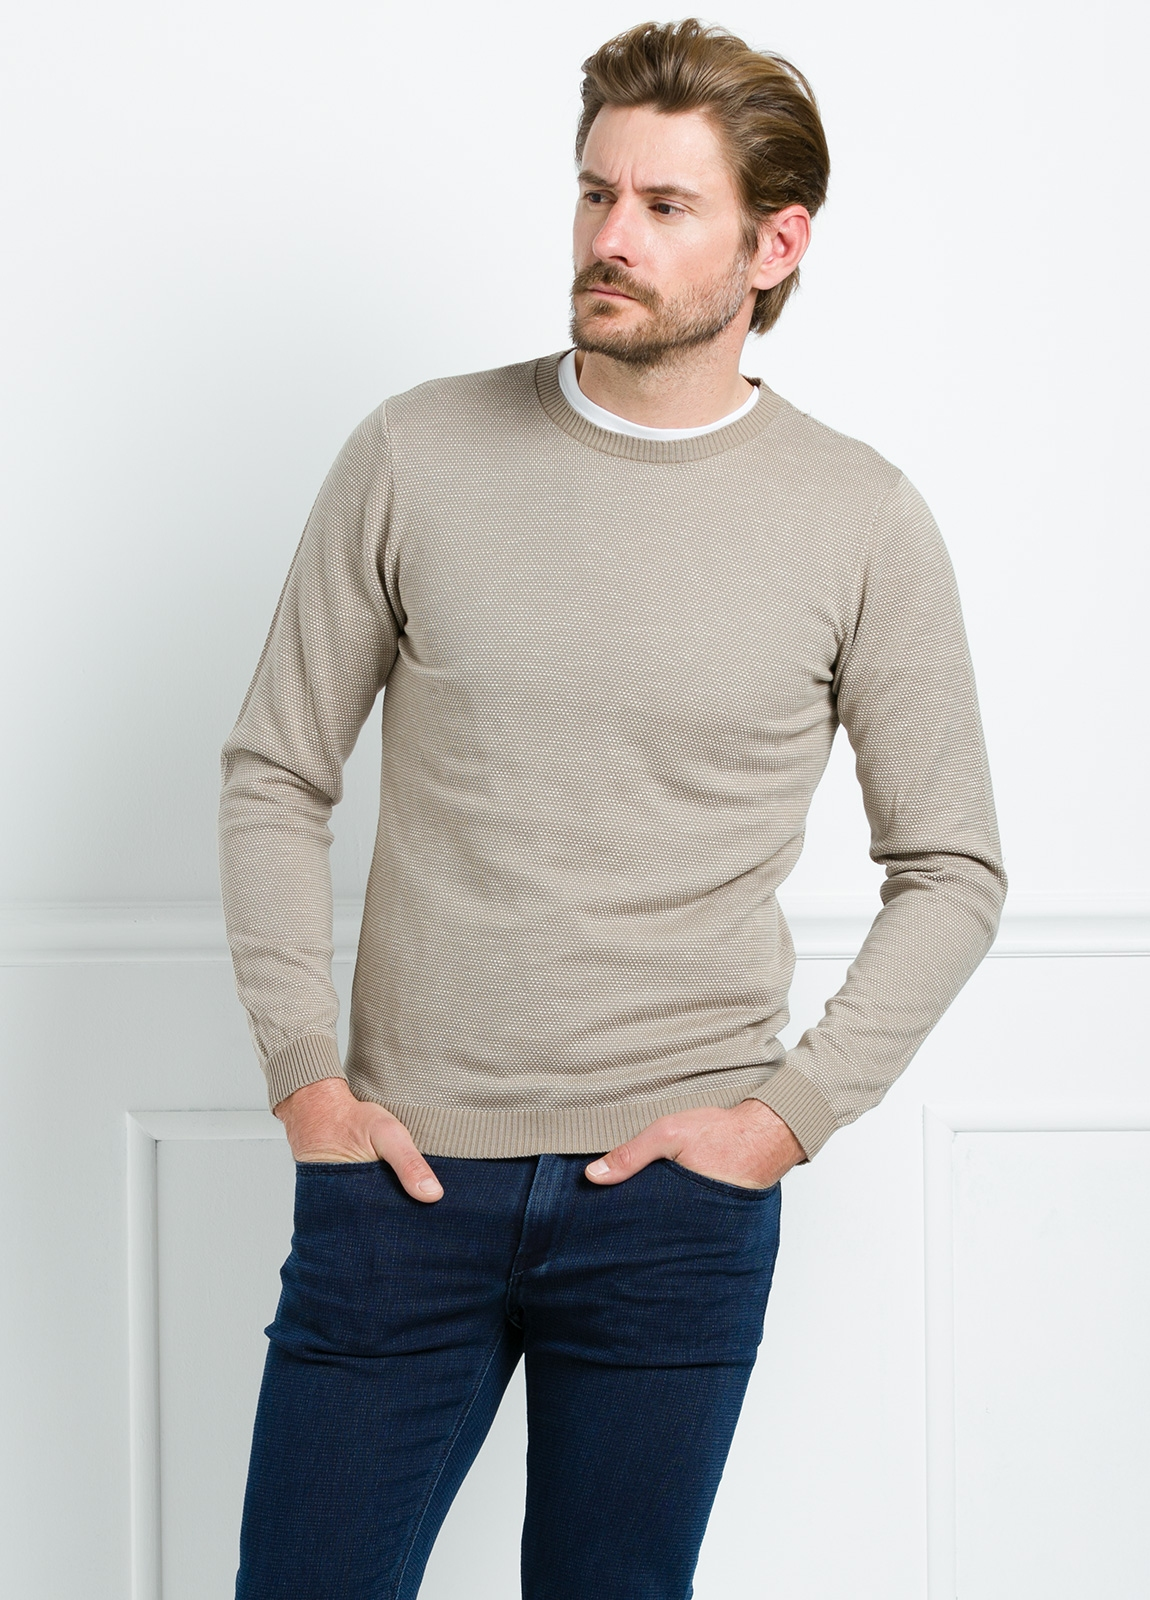 Jersey cuello redondo color beige. 100% Algodón